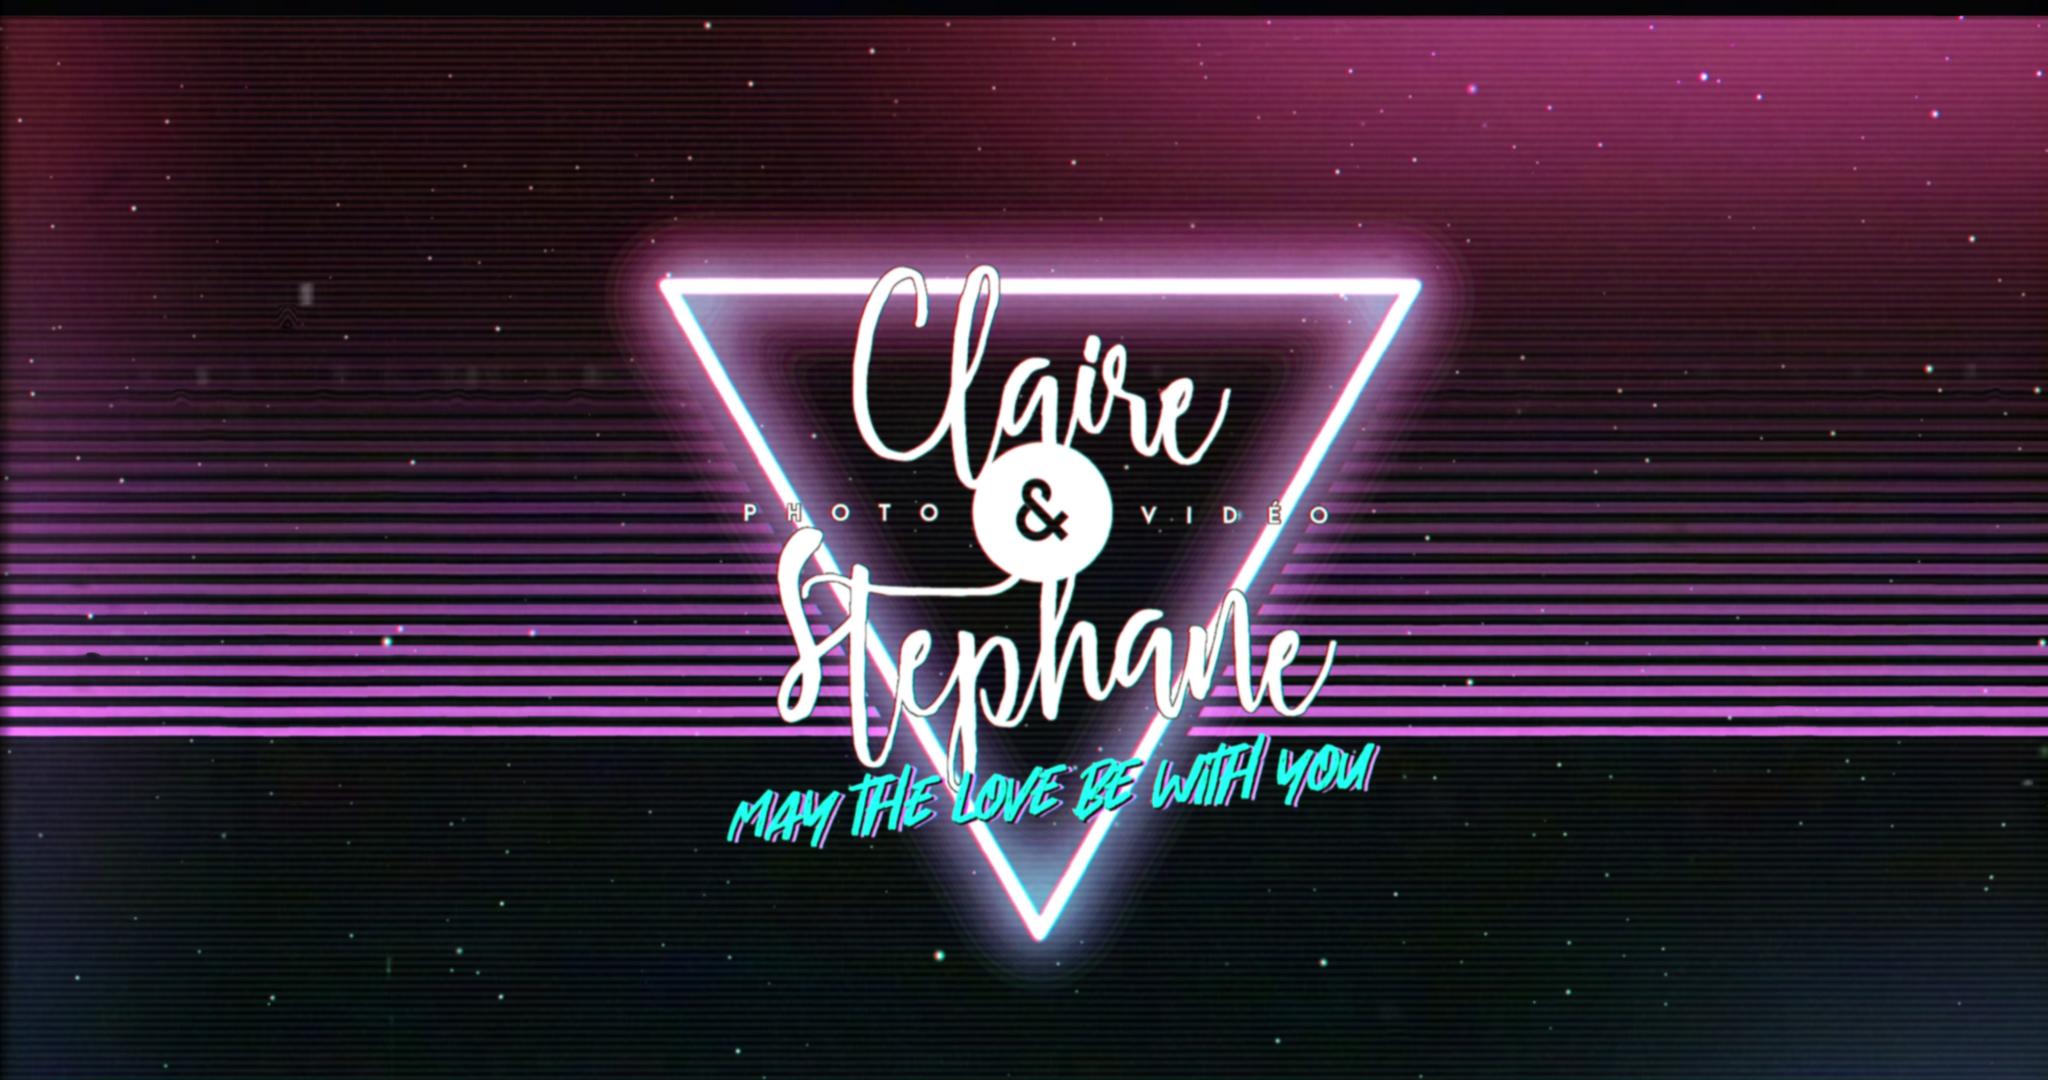 Logo de Claire et Stéphane, photographe et vidéaste de mariage, façon 80's